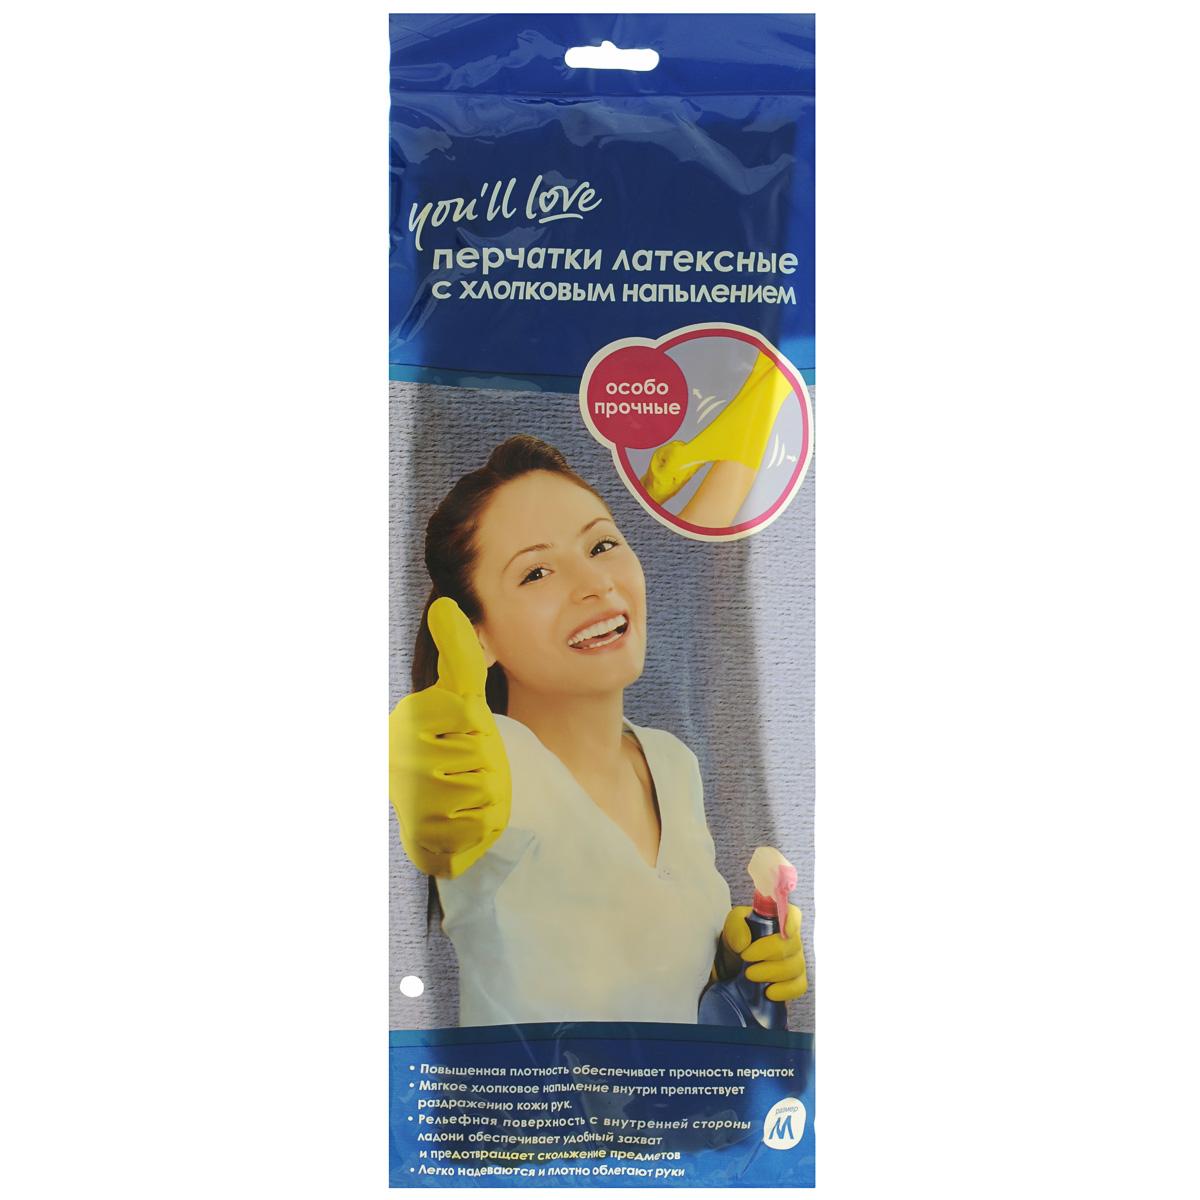 Перчатки латексные Youll love, особо прочные. Размер M61296Особо прочные, плотные латексные перчатки Youll love с хлопковым напылением. Отлично защищают руки от загрязнений и воздействия моющих средств. Рельефная поверхность с внутренней стороны ладони обеспечивает удобный захват и антискользящий эффект. Хлопковое напыление защищает от раздражений.